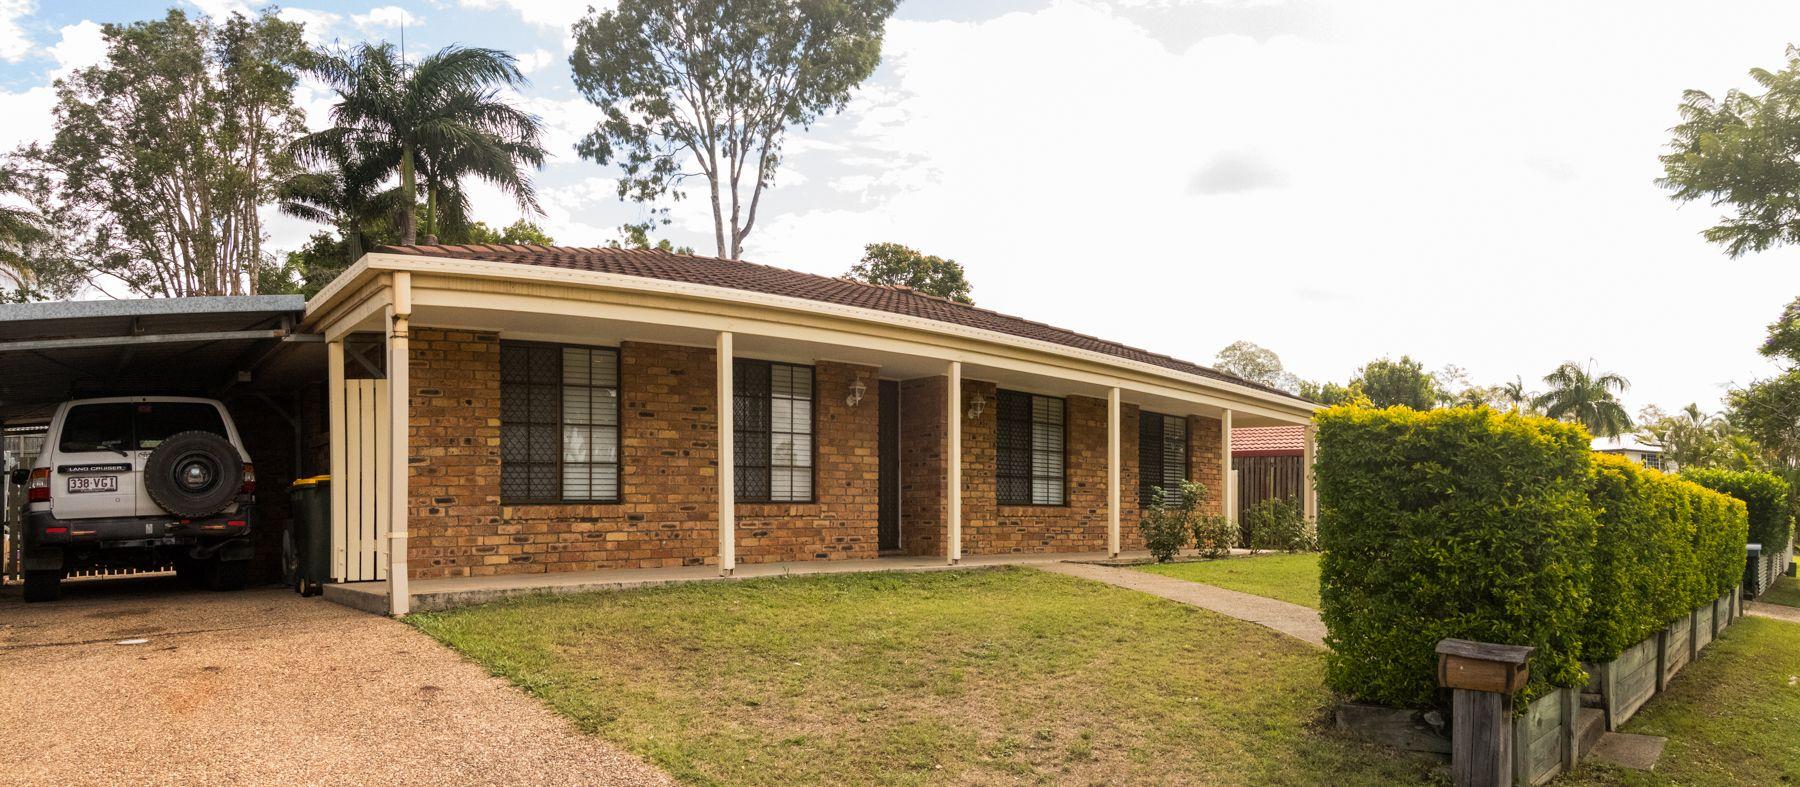 16 Konda Street, Riverhills QLD 4074, Image 0